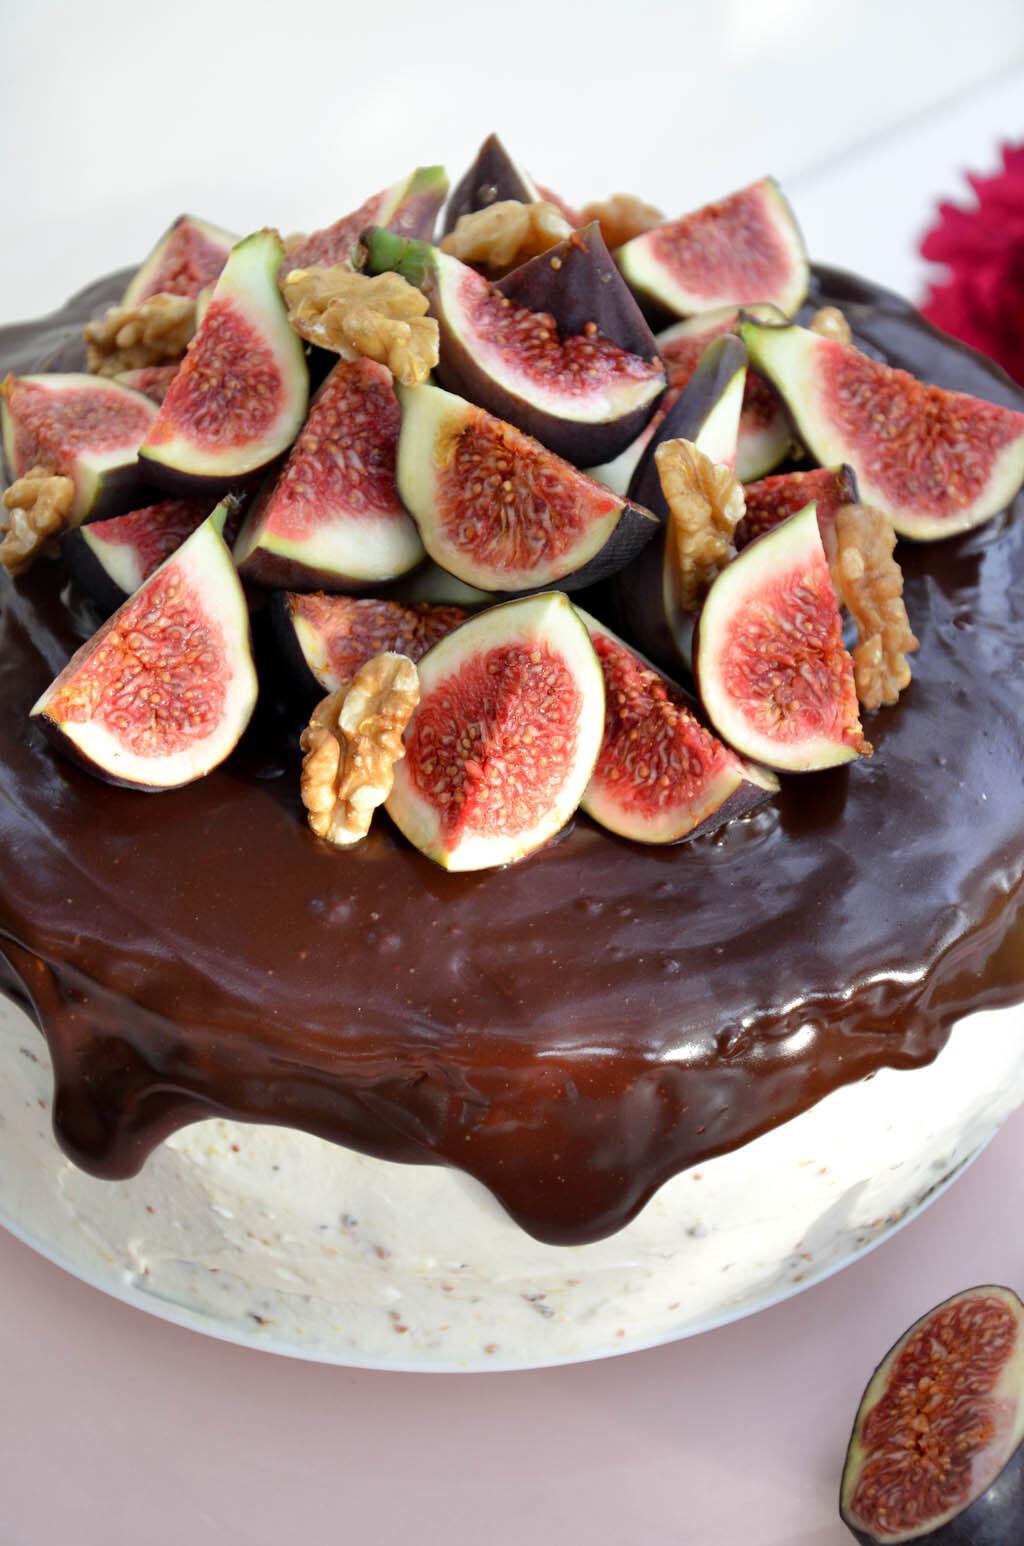 Feigen-Mohn-Torte